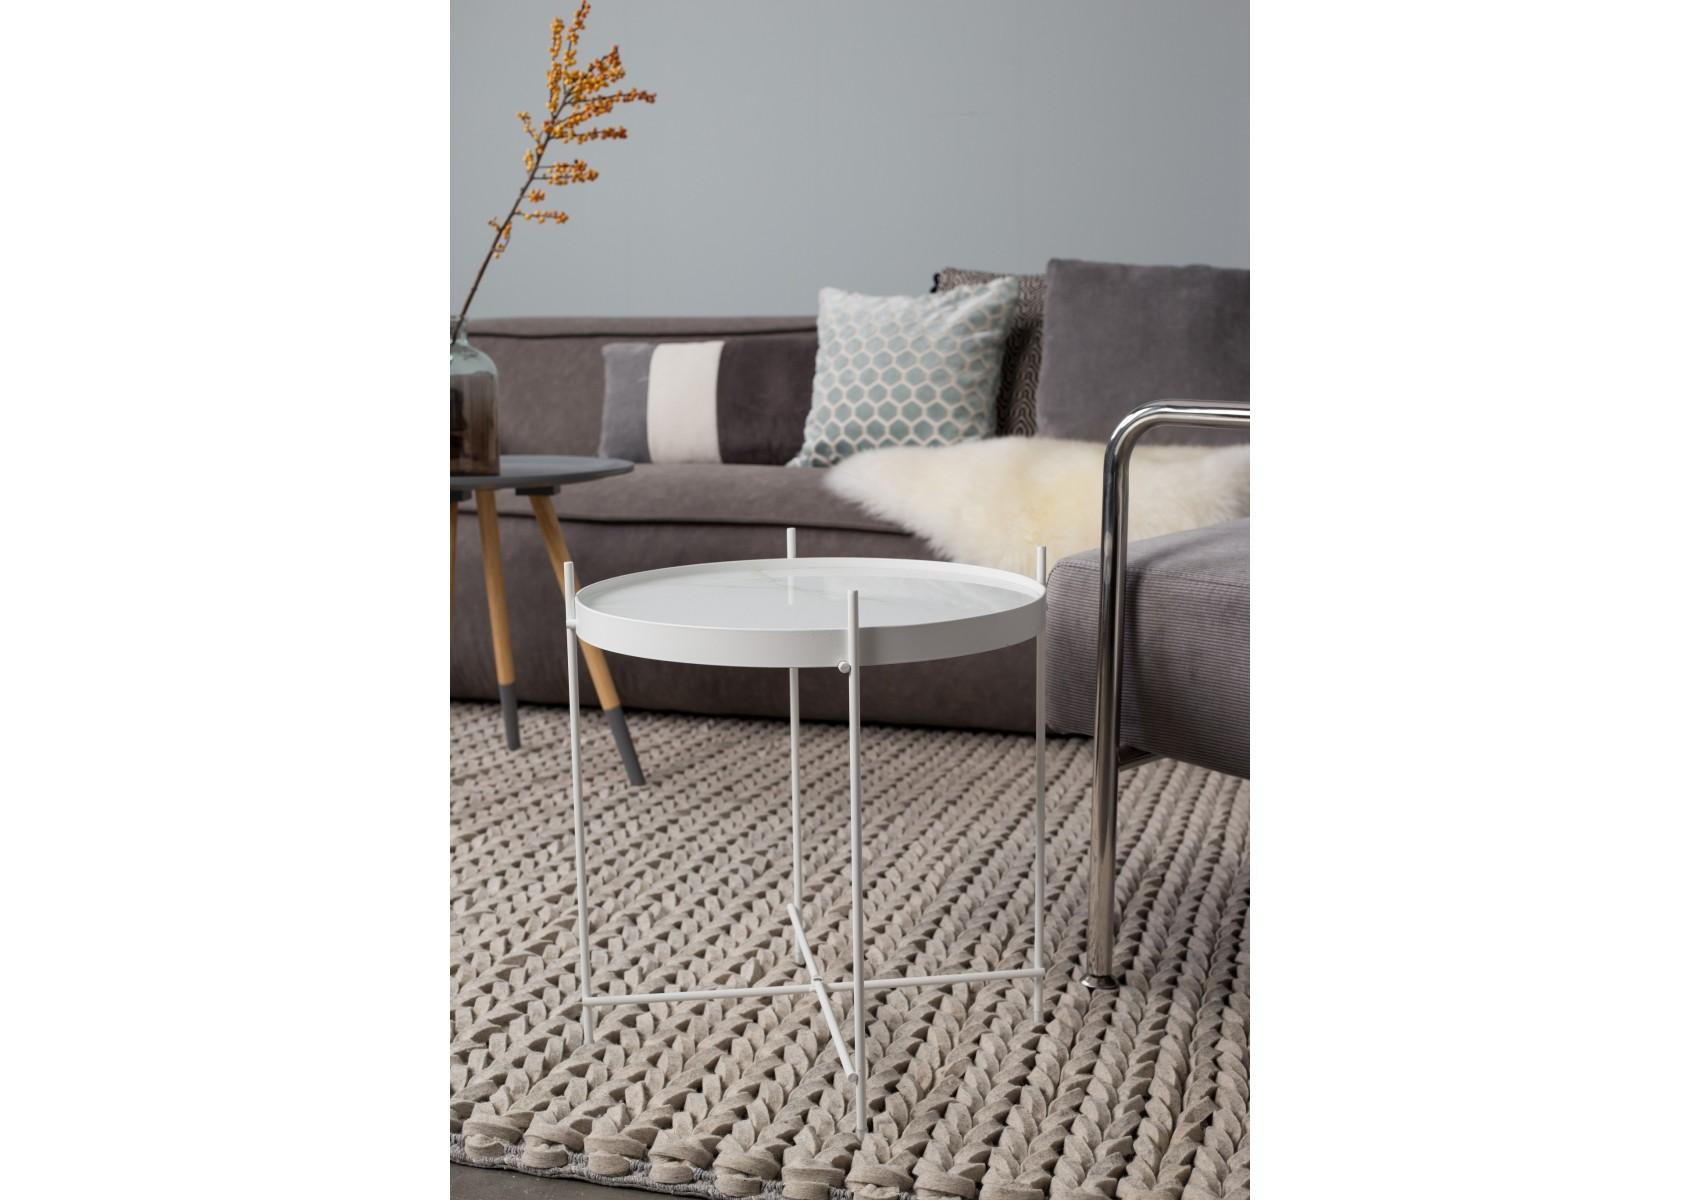 Table basse cupid marble plateau amovible boite design - Table basse plateau amovible ...